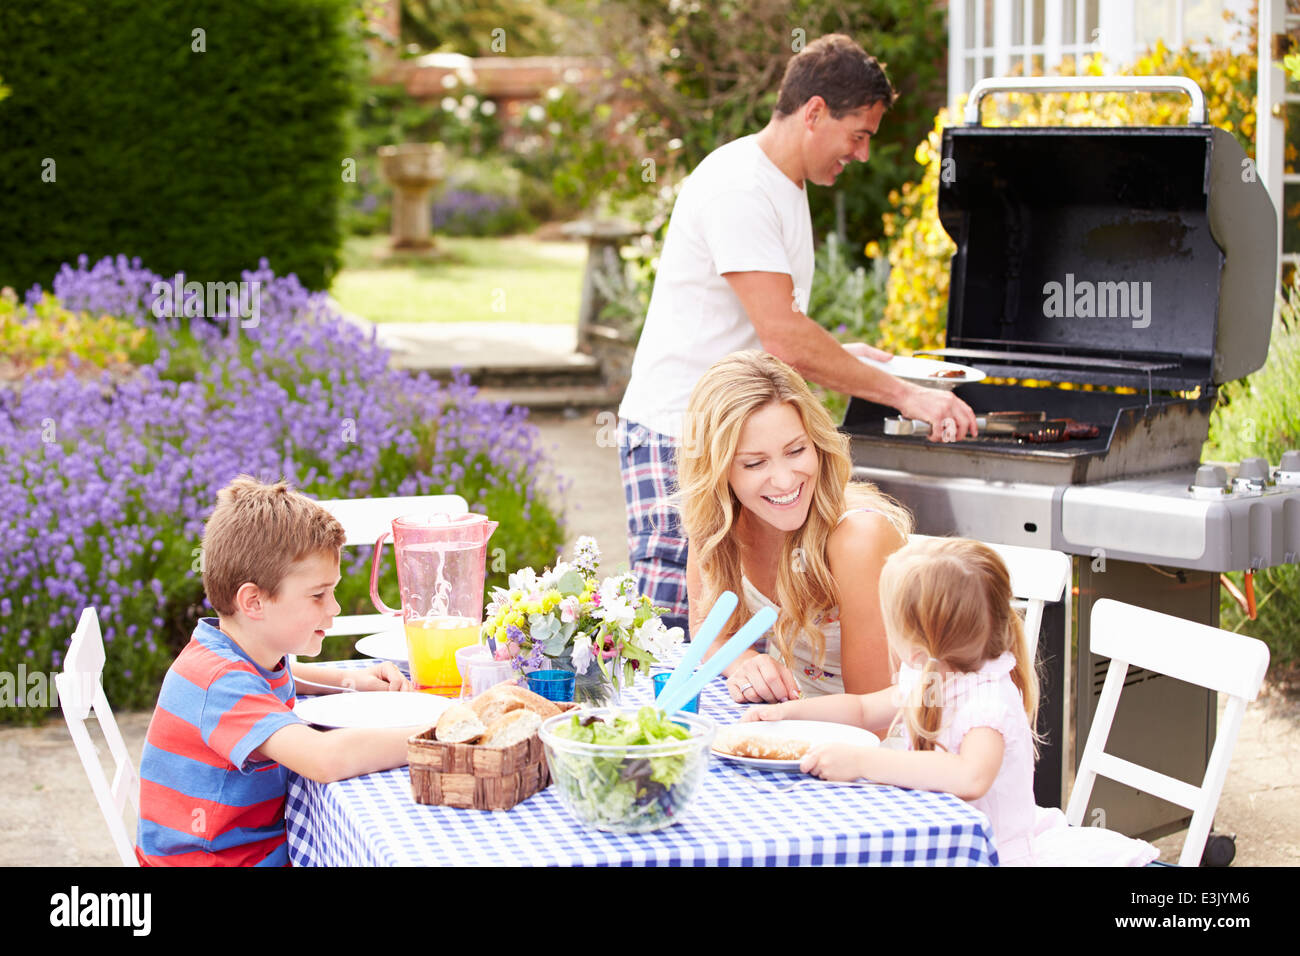 Familia disfrutando al aire libre en el Jardín Barbacoa Imagen De Stock